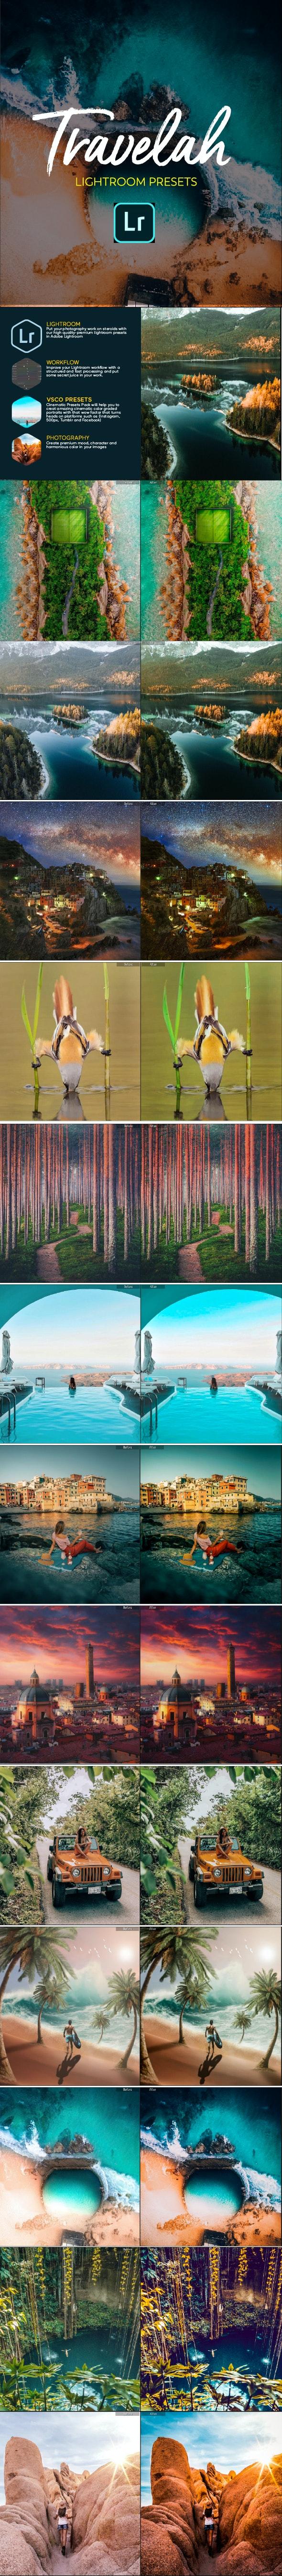 Travela Travel Blogger Lightroom Presets - Landscape Lightroom Presets